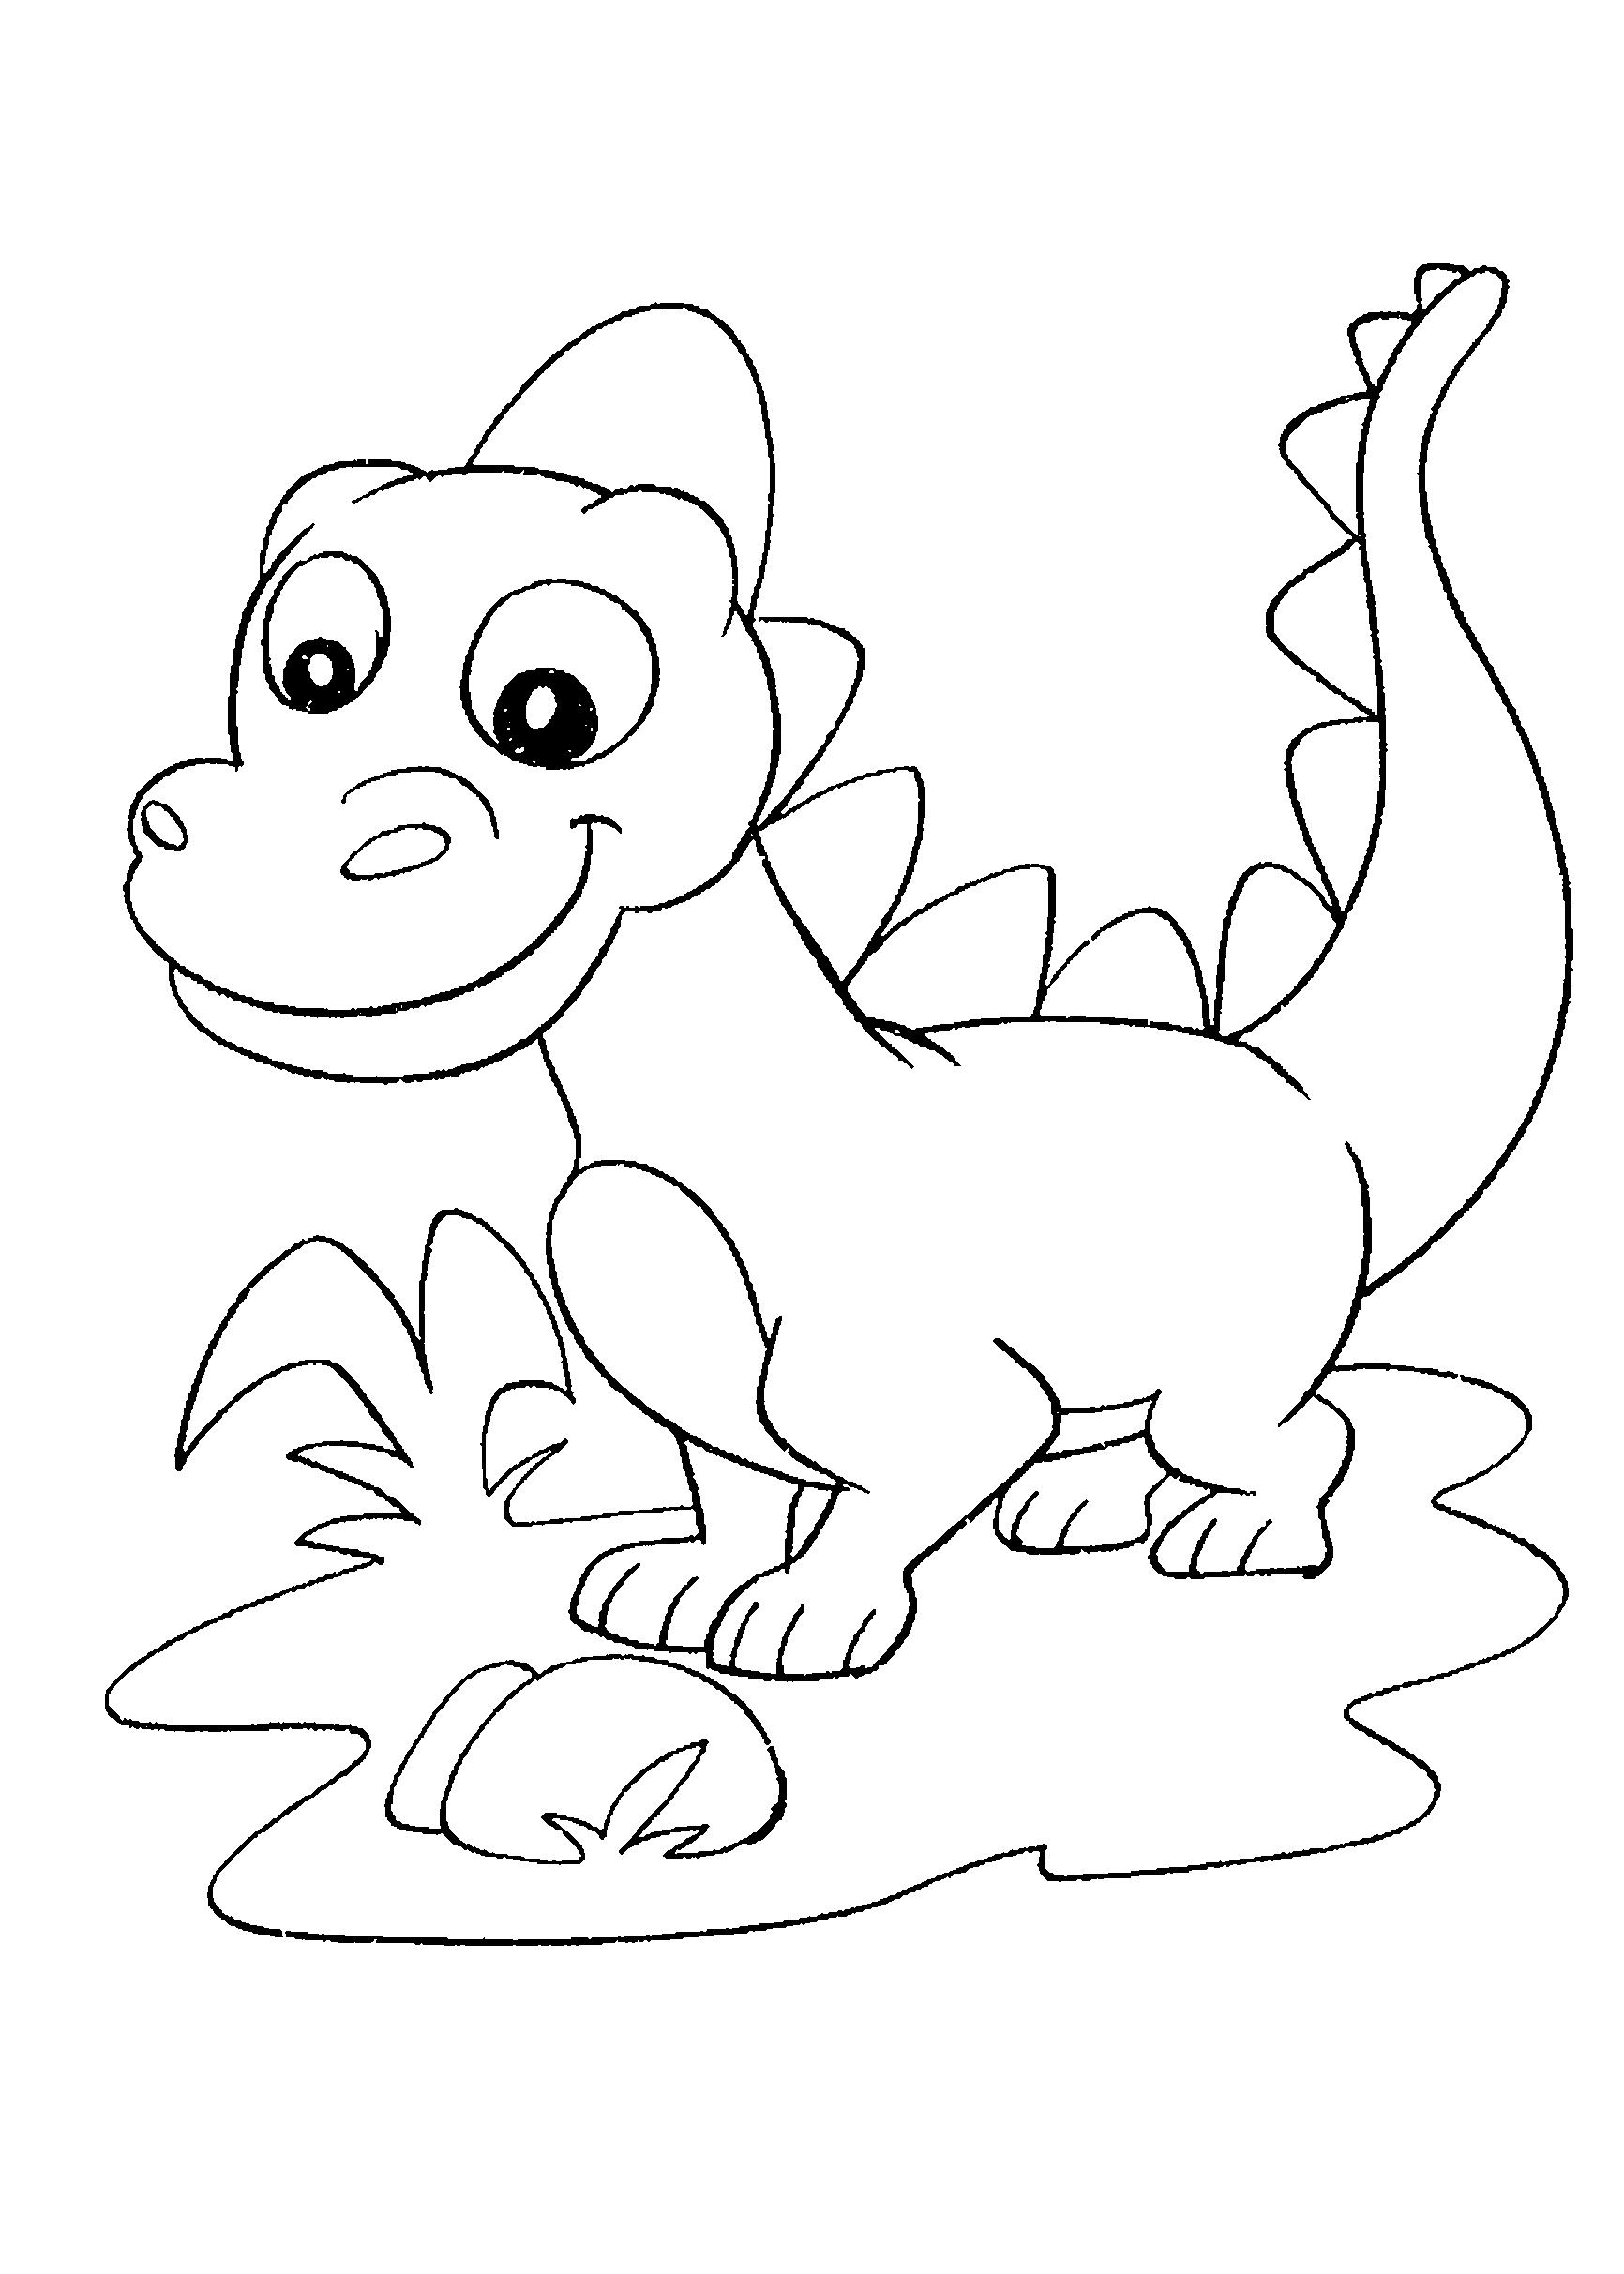 Desenho de Dinossauro criança